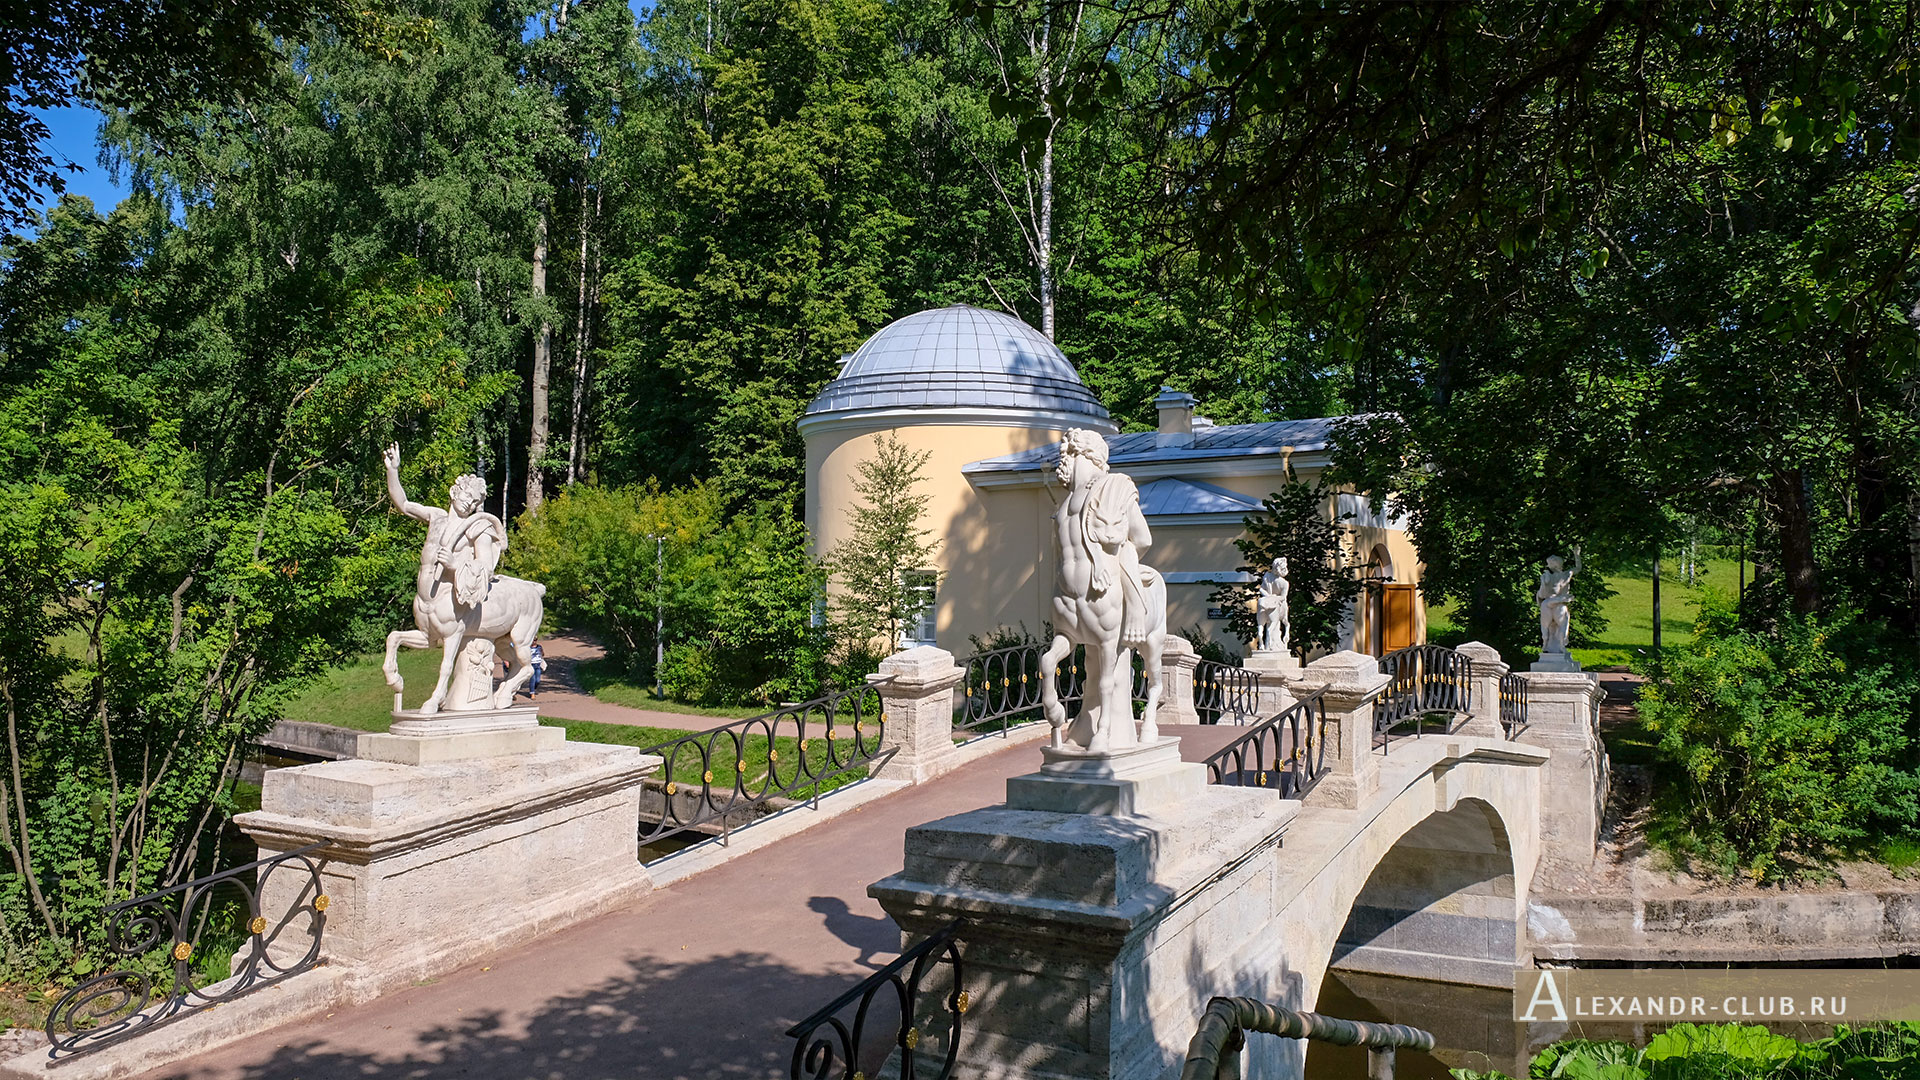 Павловск, лето, Павловский парк, мост Кентавров, Холодная баня